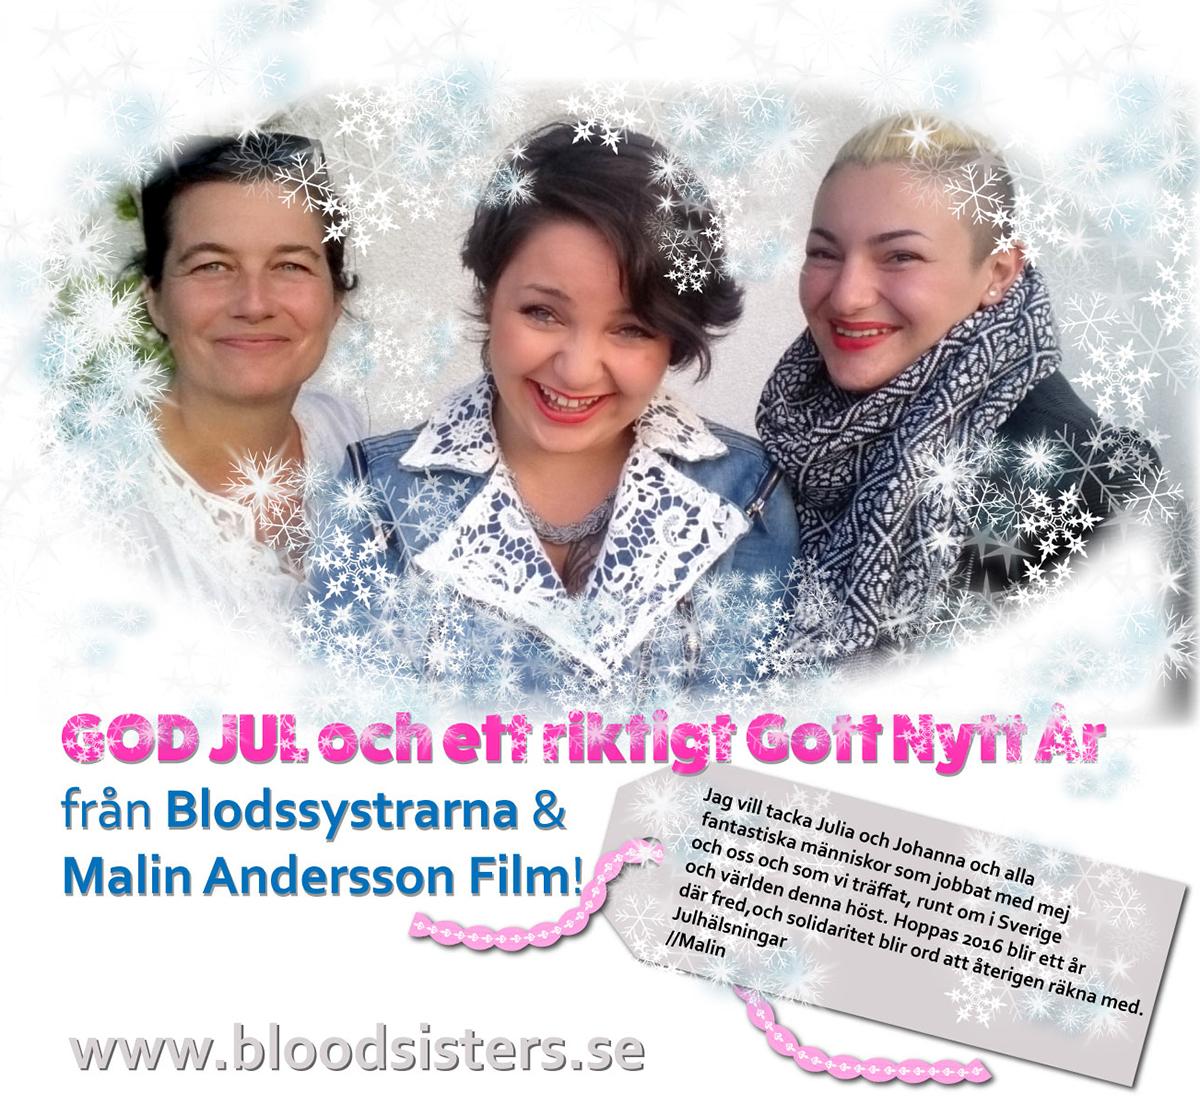 GOD JUL och ett riktigt Gott Nytt År från Blodssystrarna och Malin Andersson Film!